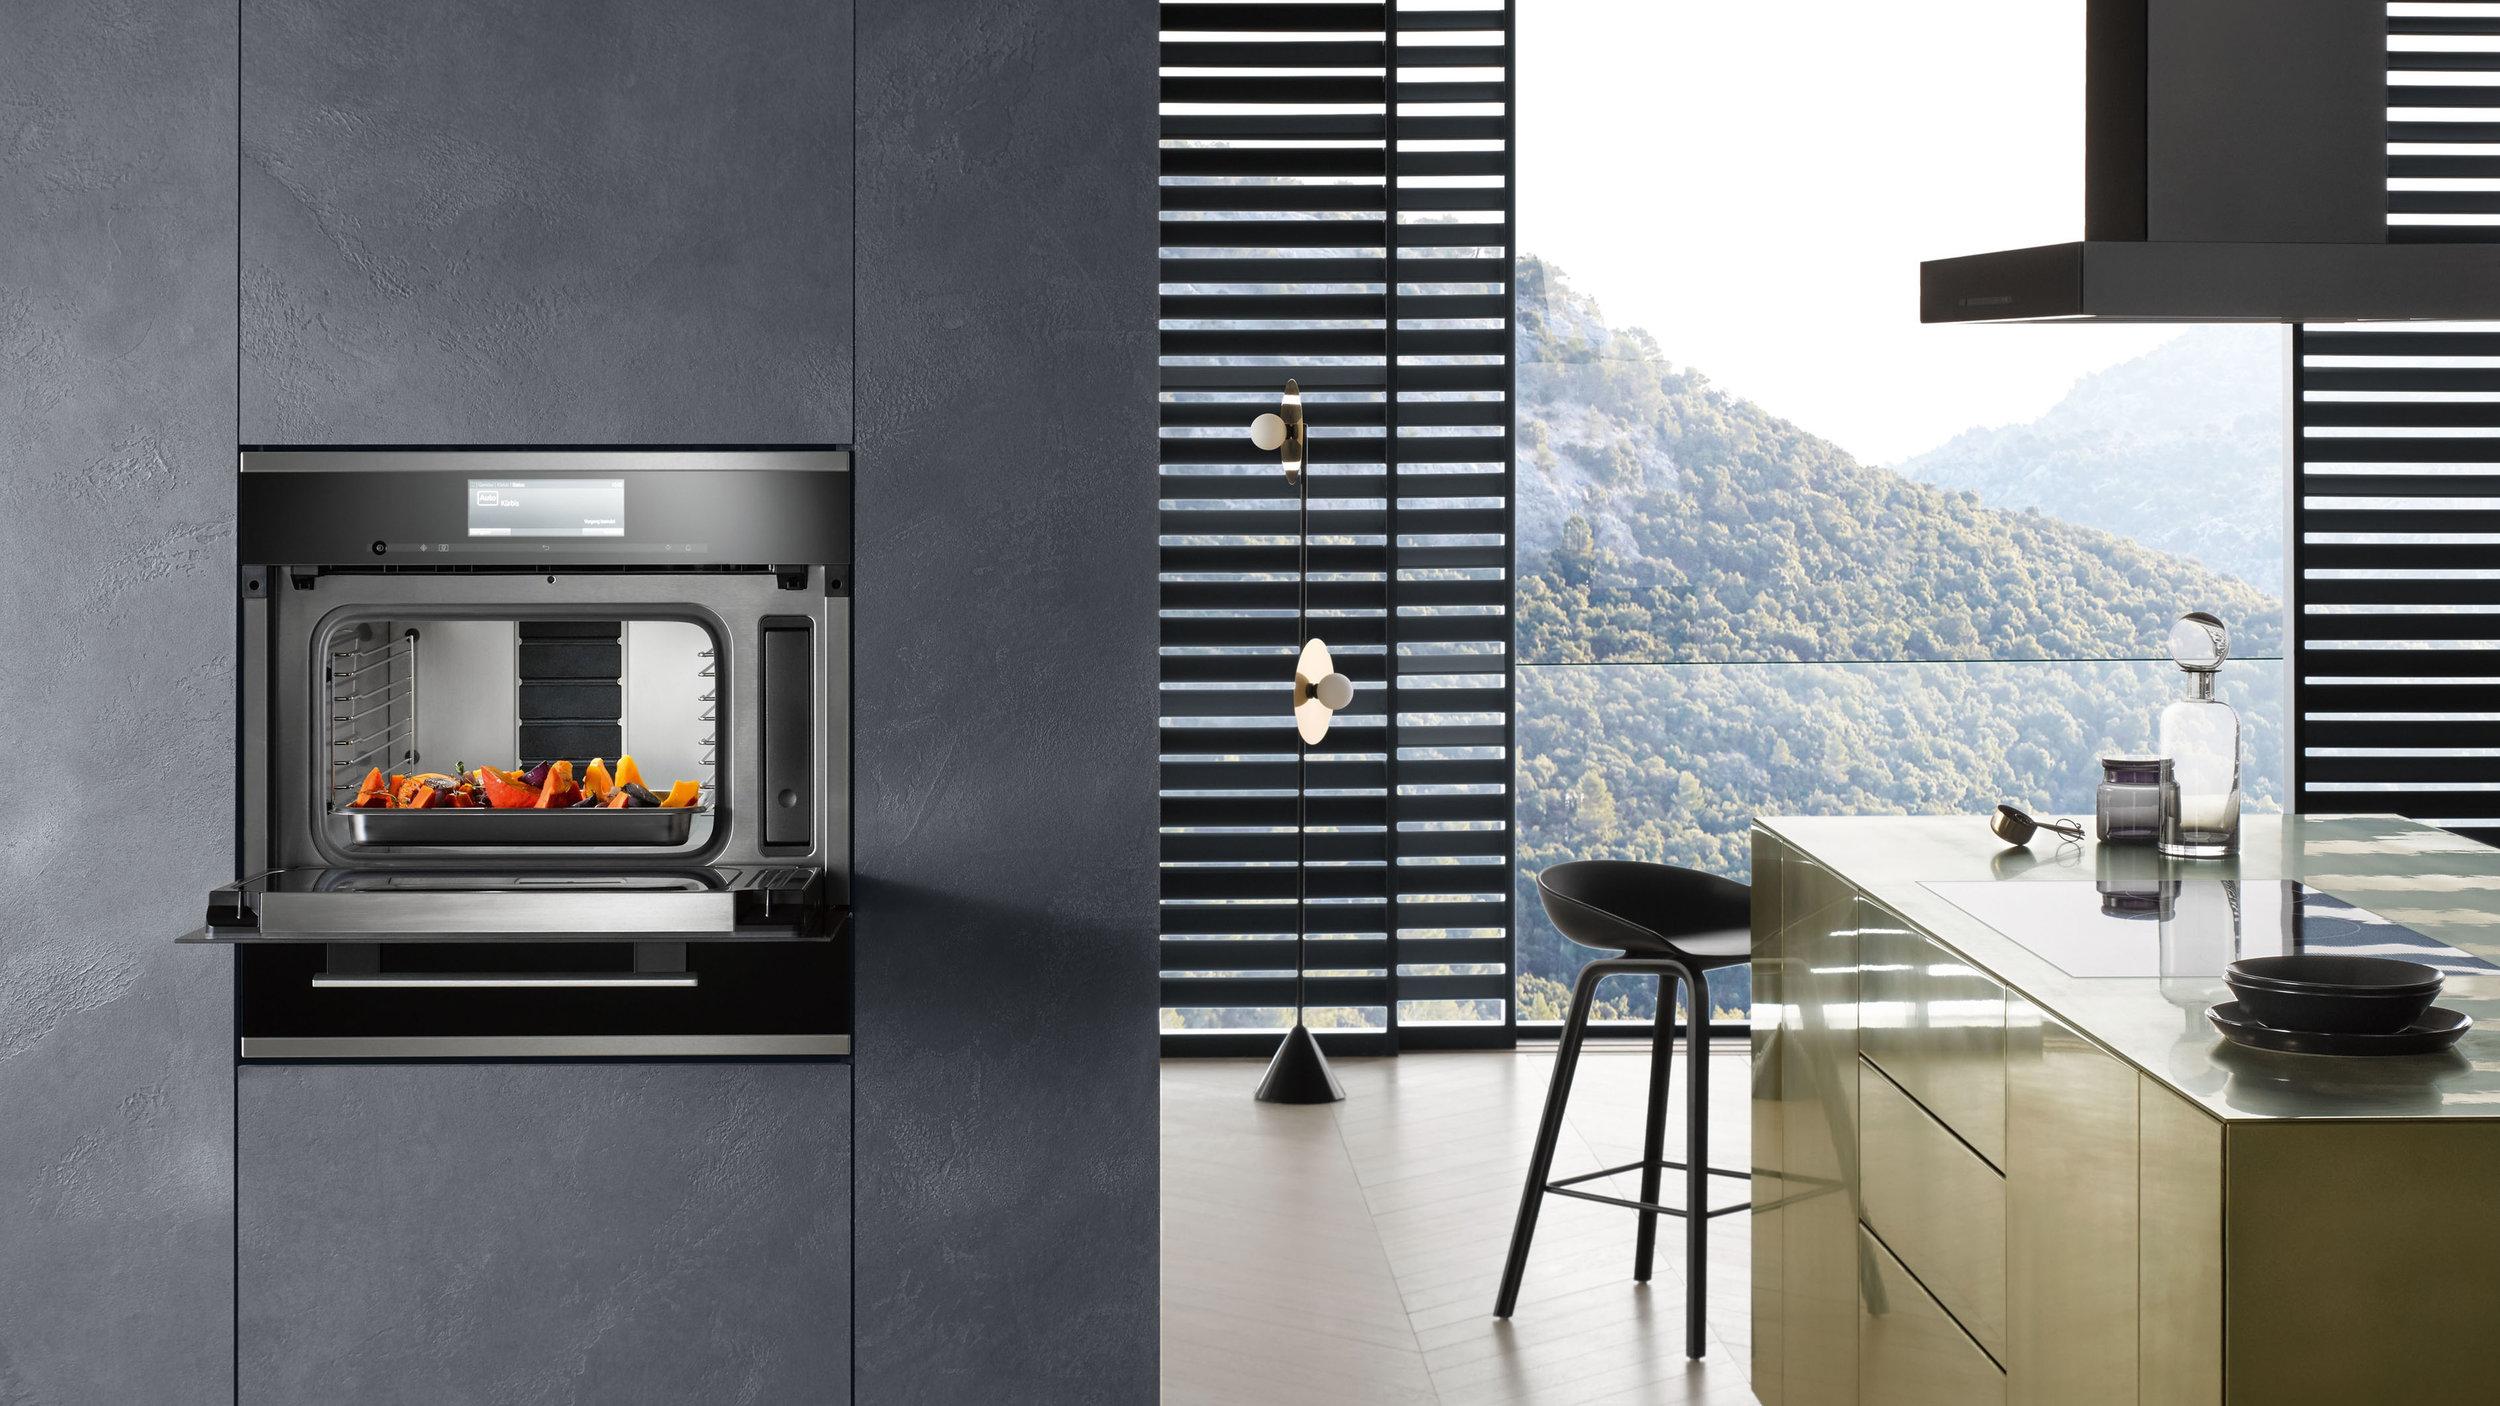 AMK-PM-2018-Smart Kitchen-6.jpg